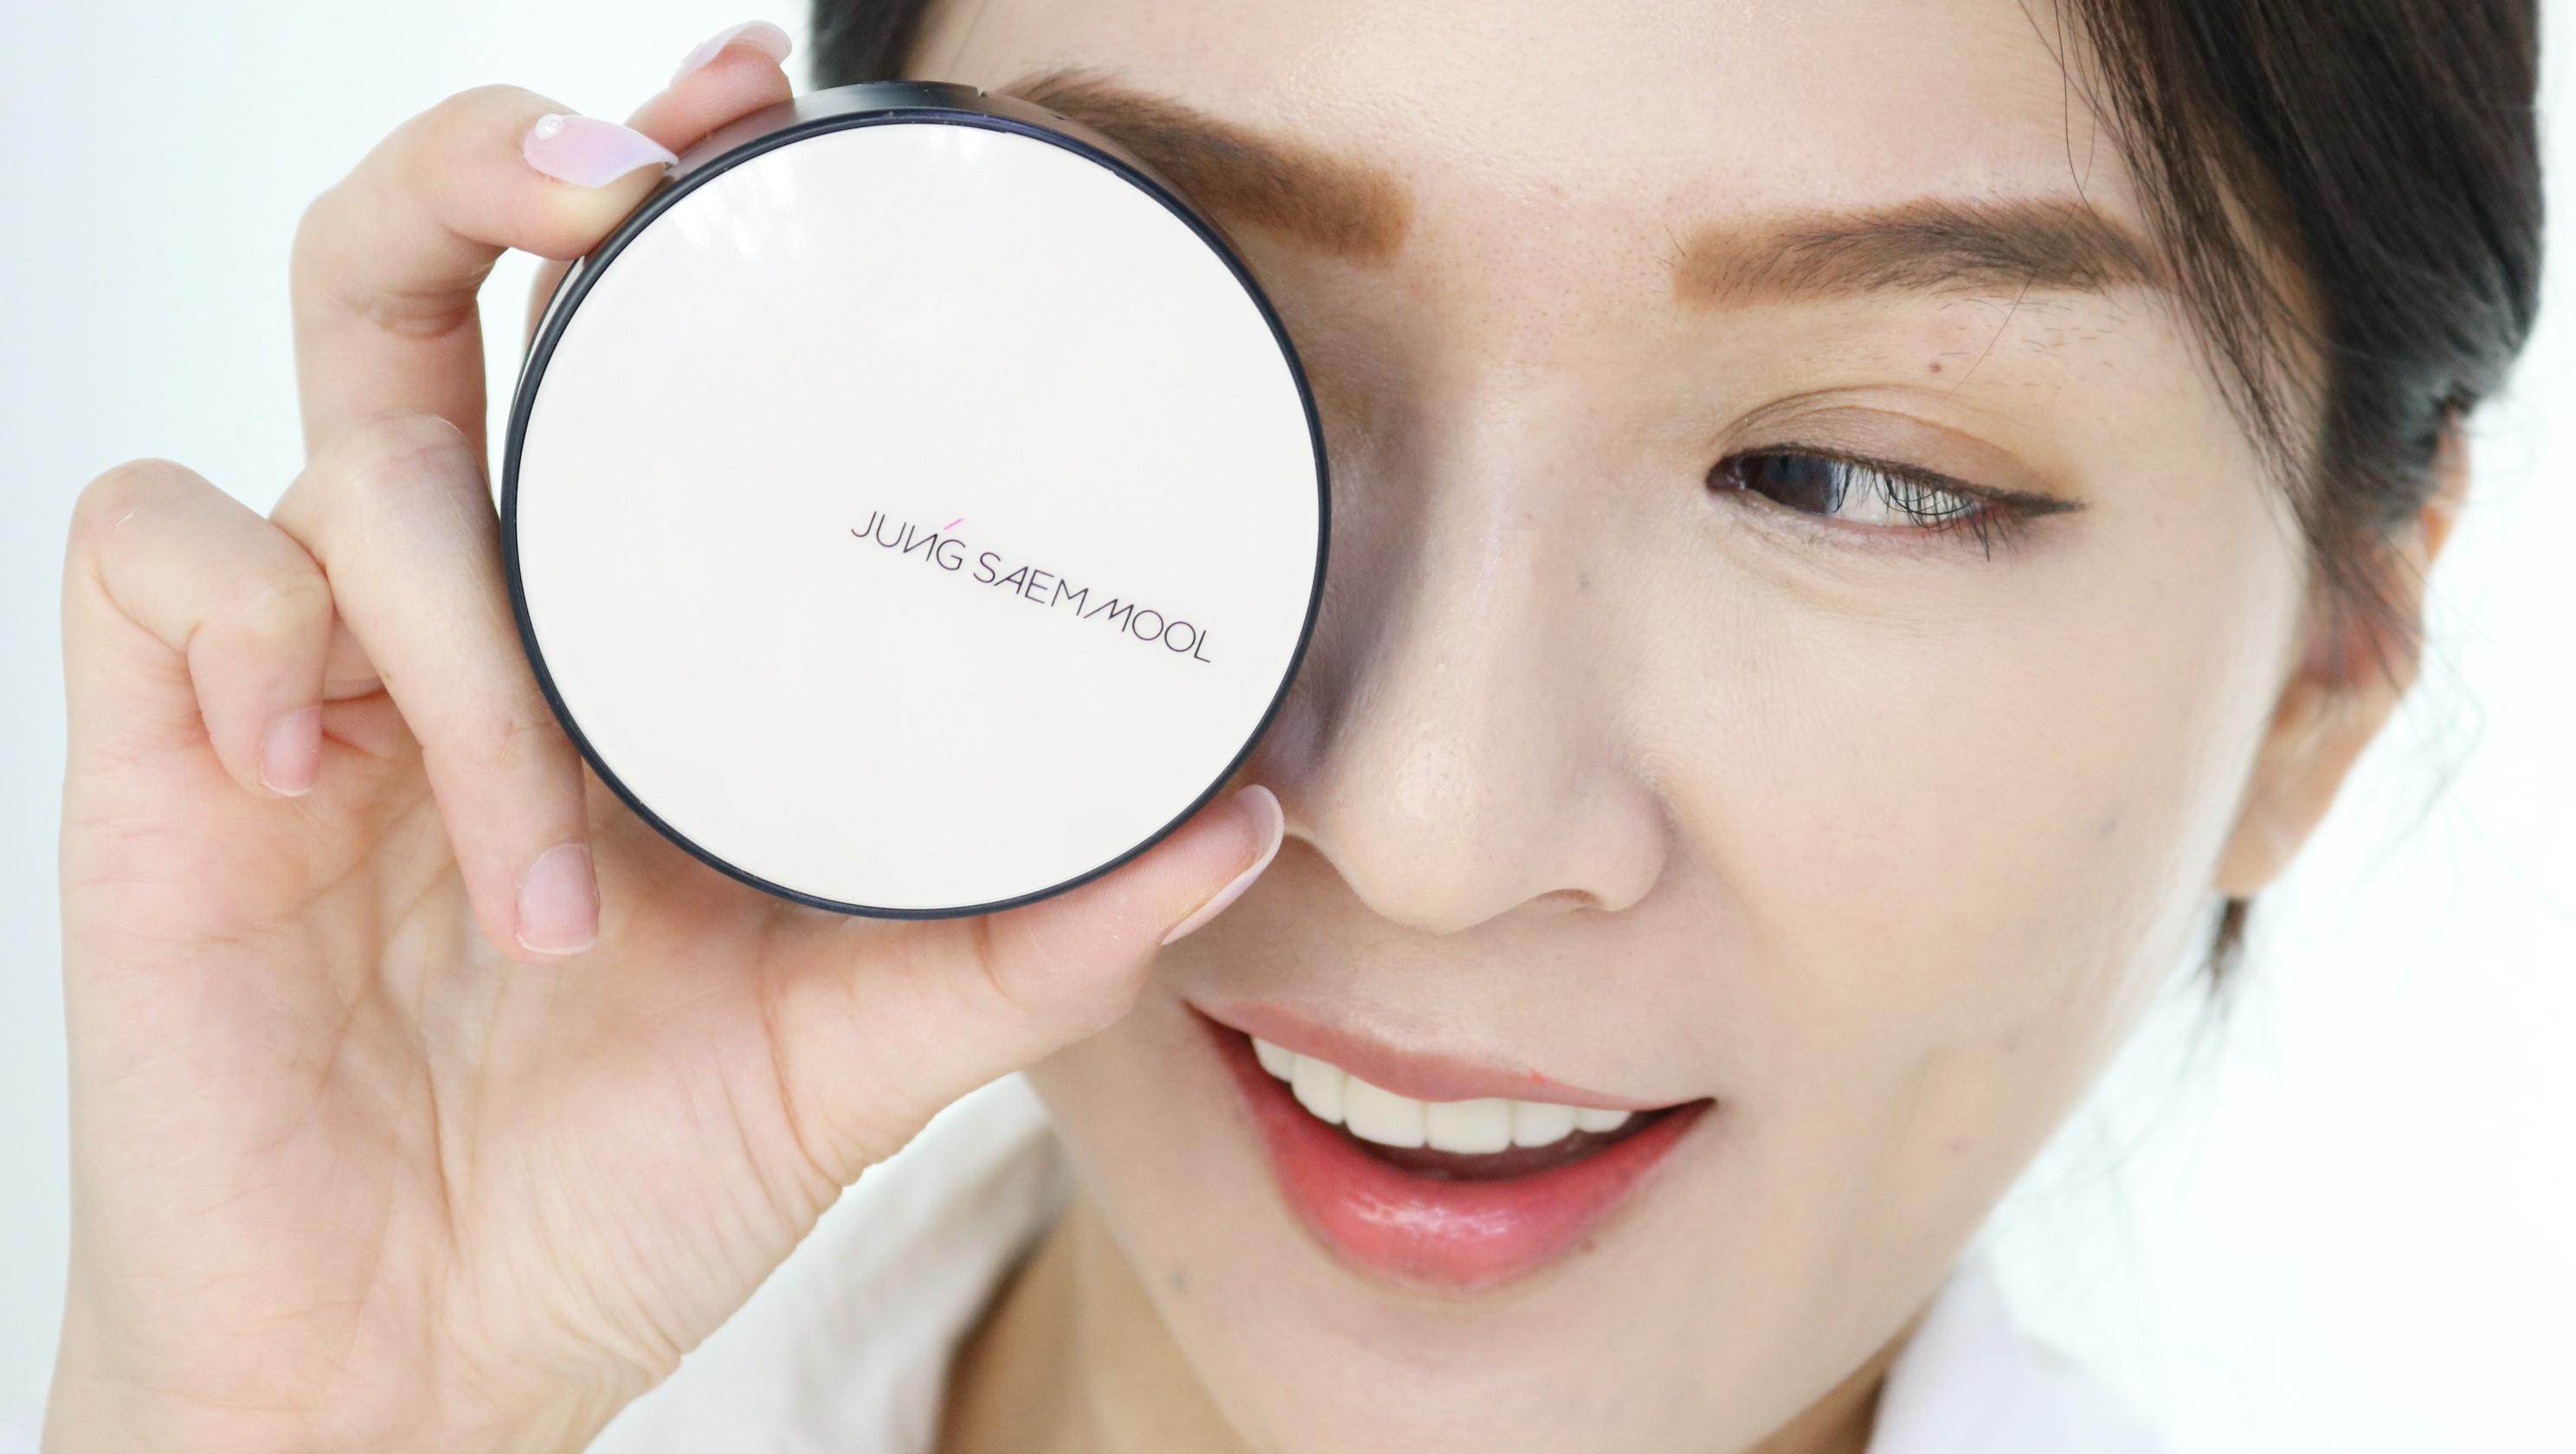 คุชชั่น jung saem mool รีวิว